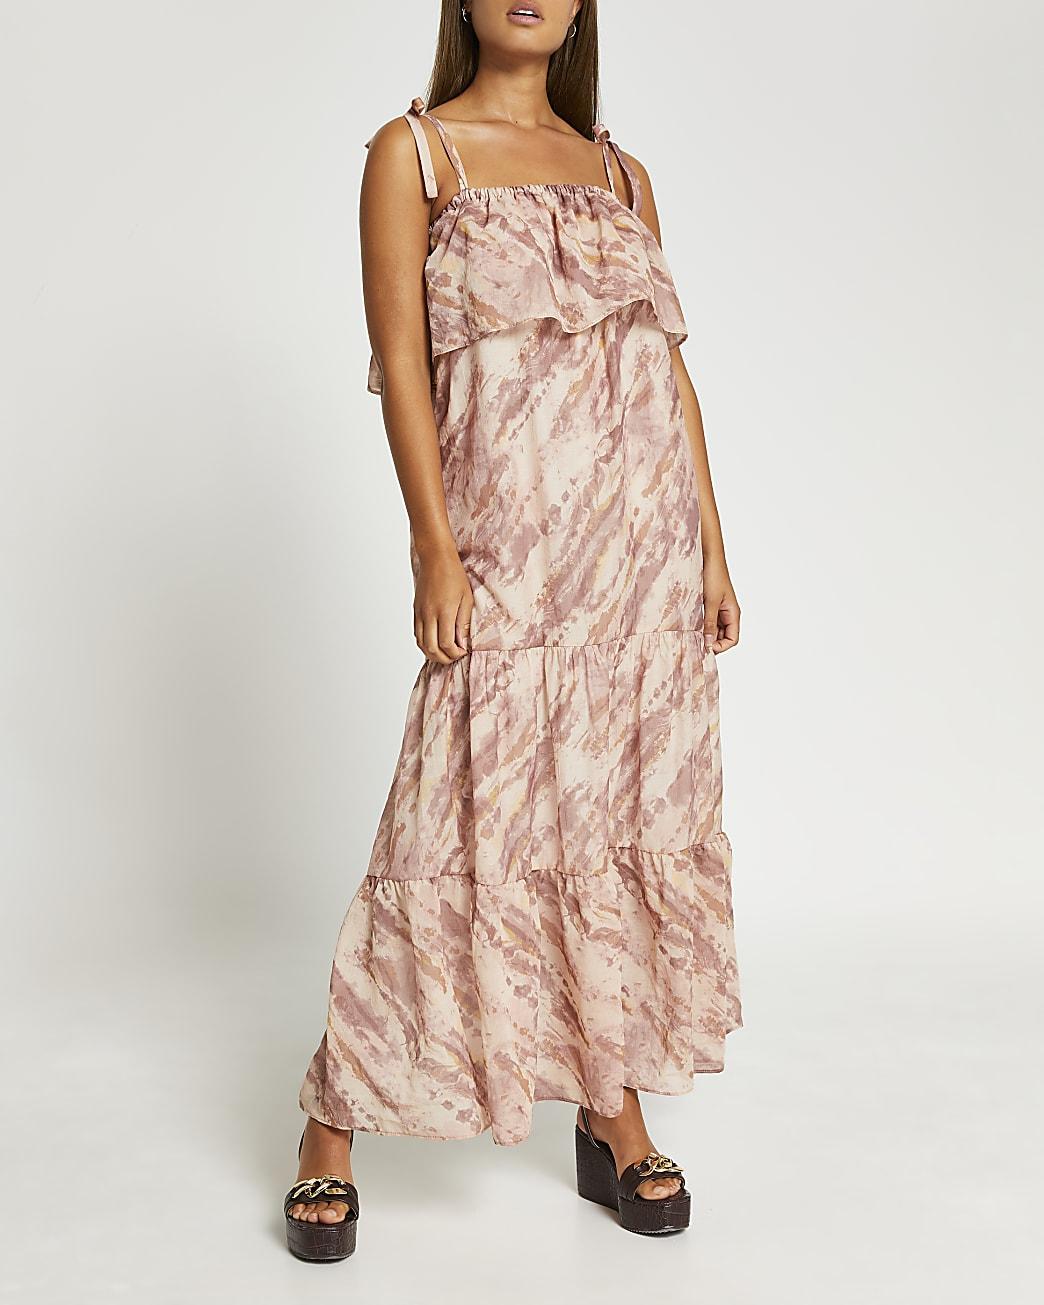 Pink tie dye print maxi dress